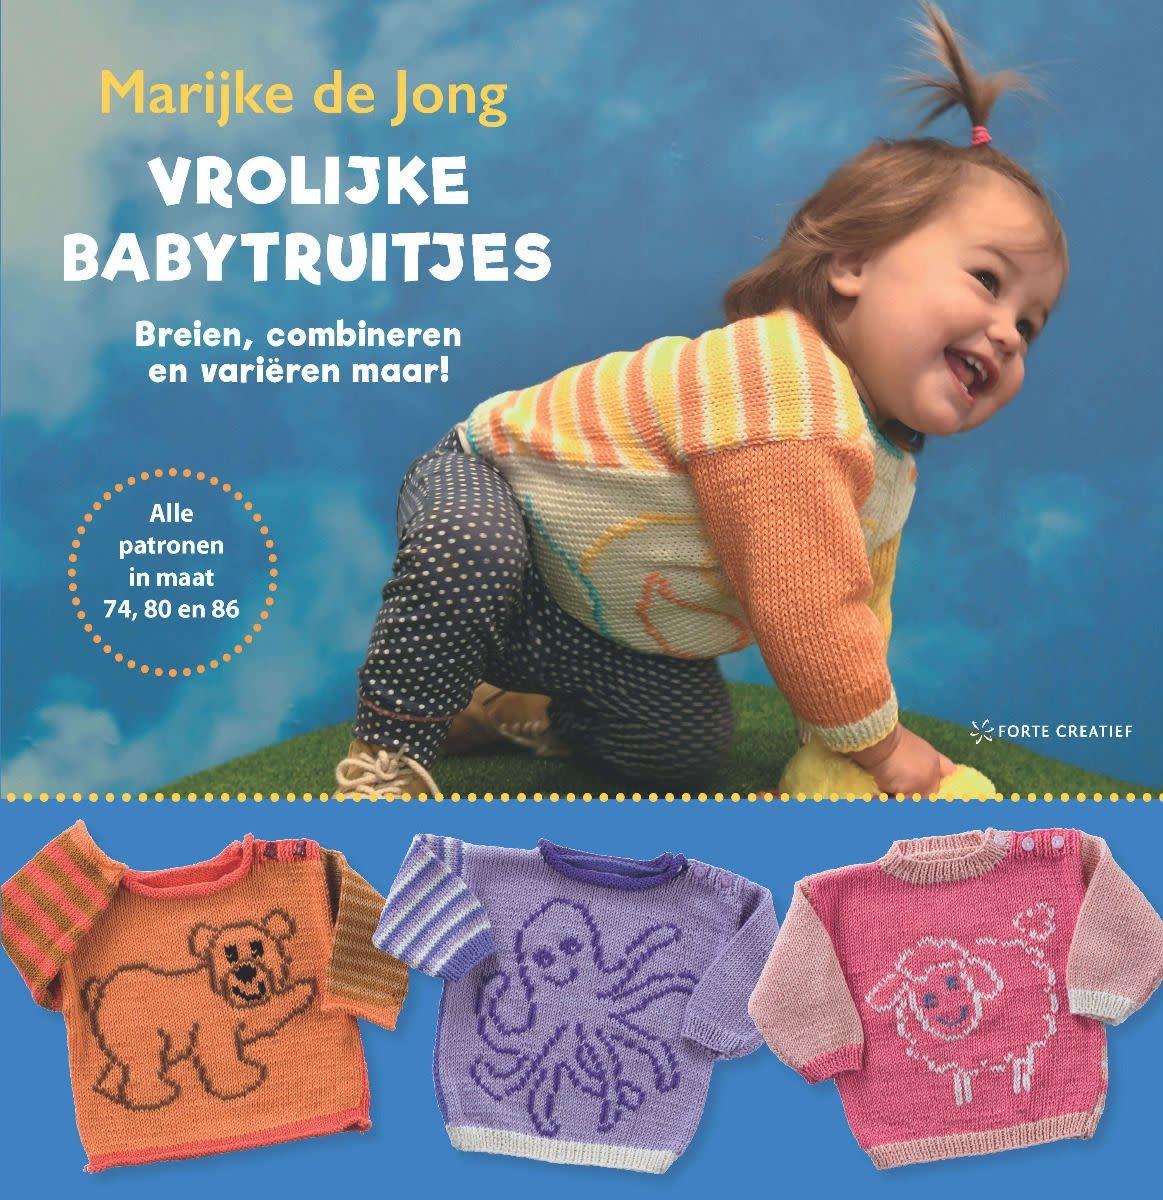 Vrolijke babytruitjes breien - Marijke de Jong